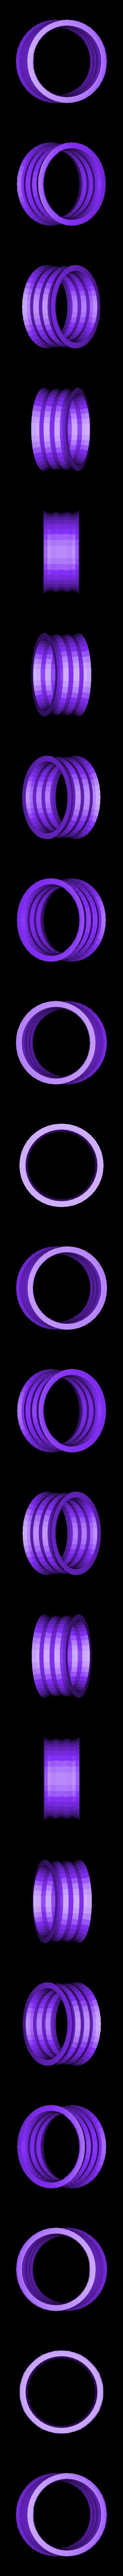 Napkin Ring.stl Télécharger fichier STL gratuit Rond de serviette • Design à imprimer en 3D, 3DBuilder